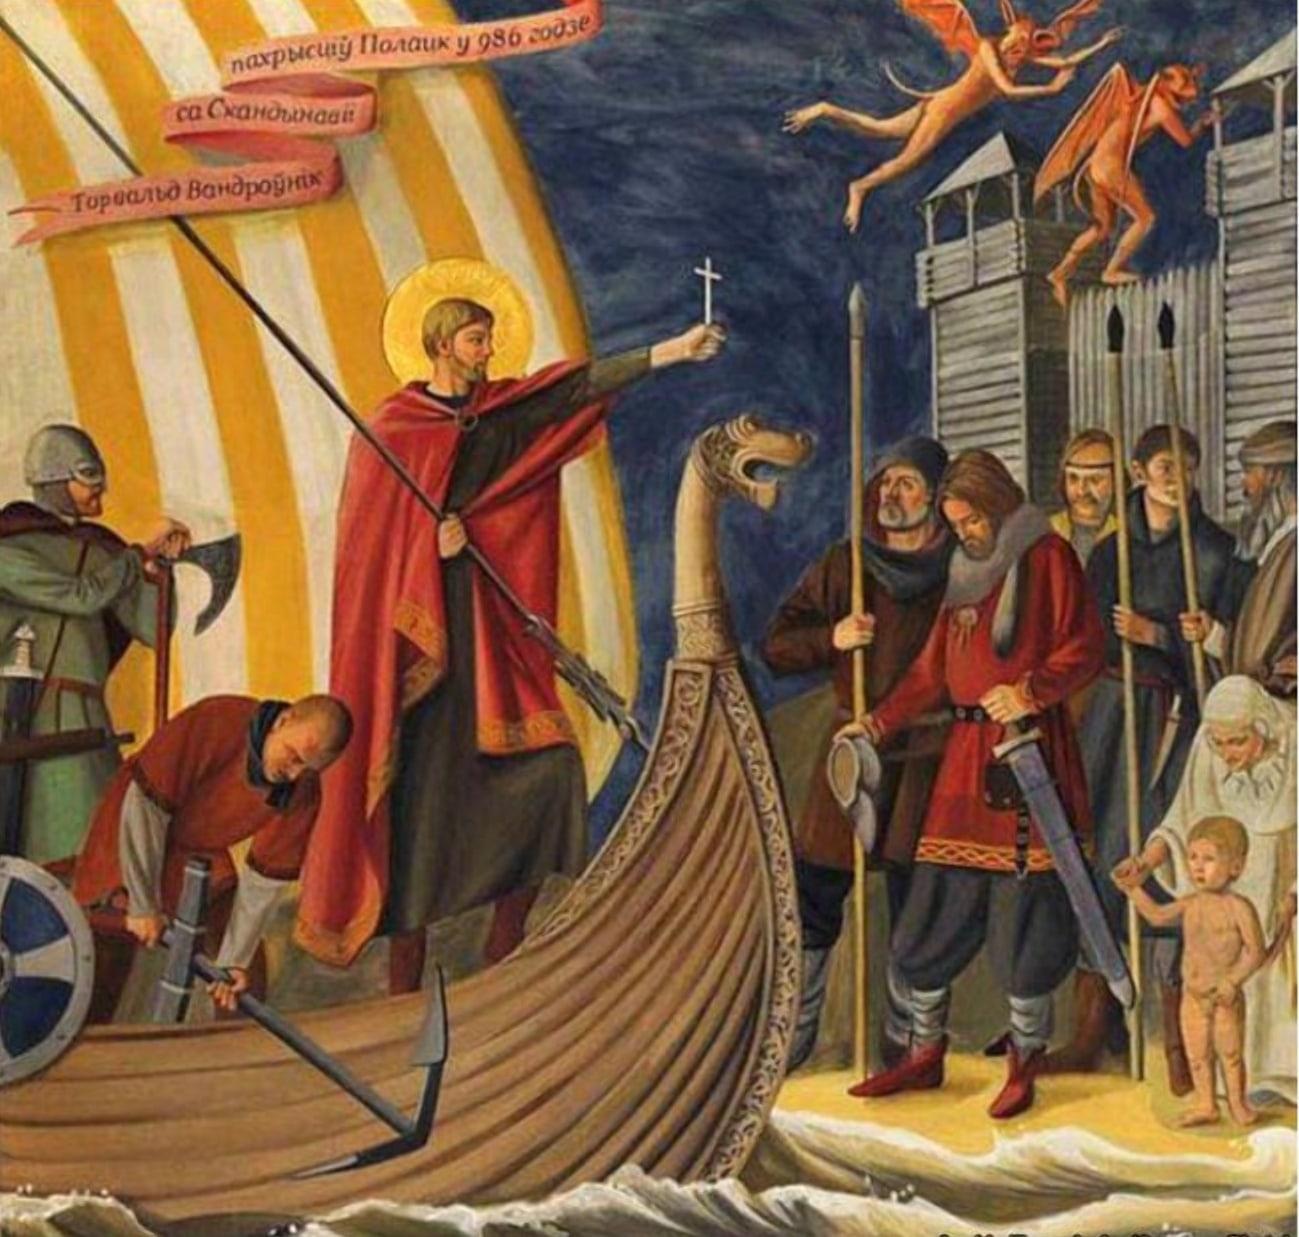 Торвальд - креститель Полоцка почитается как святой всеми христианскими церквями Беларуси